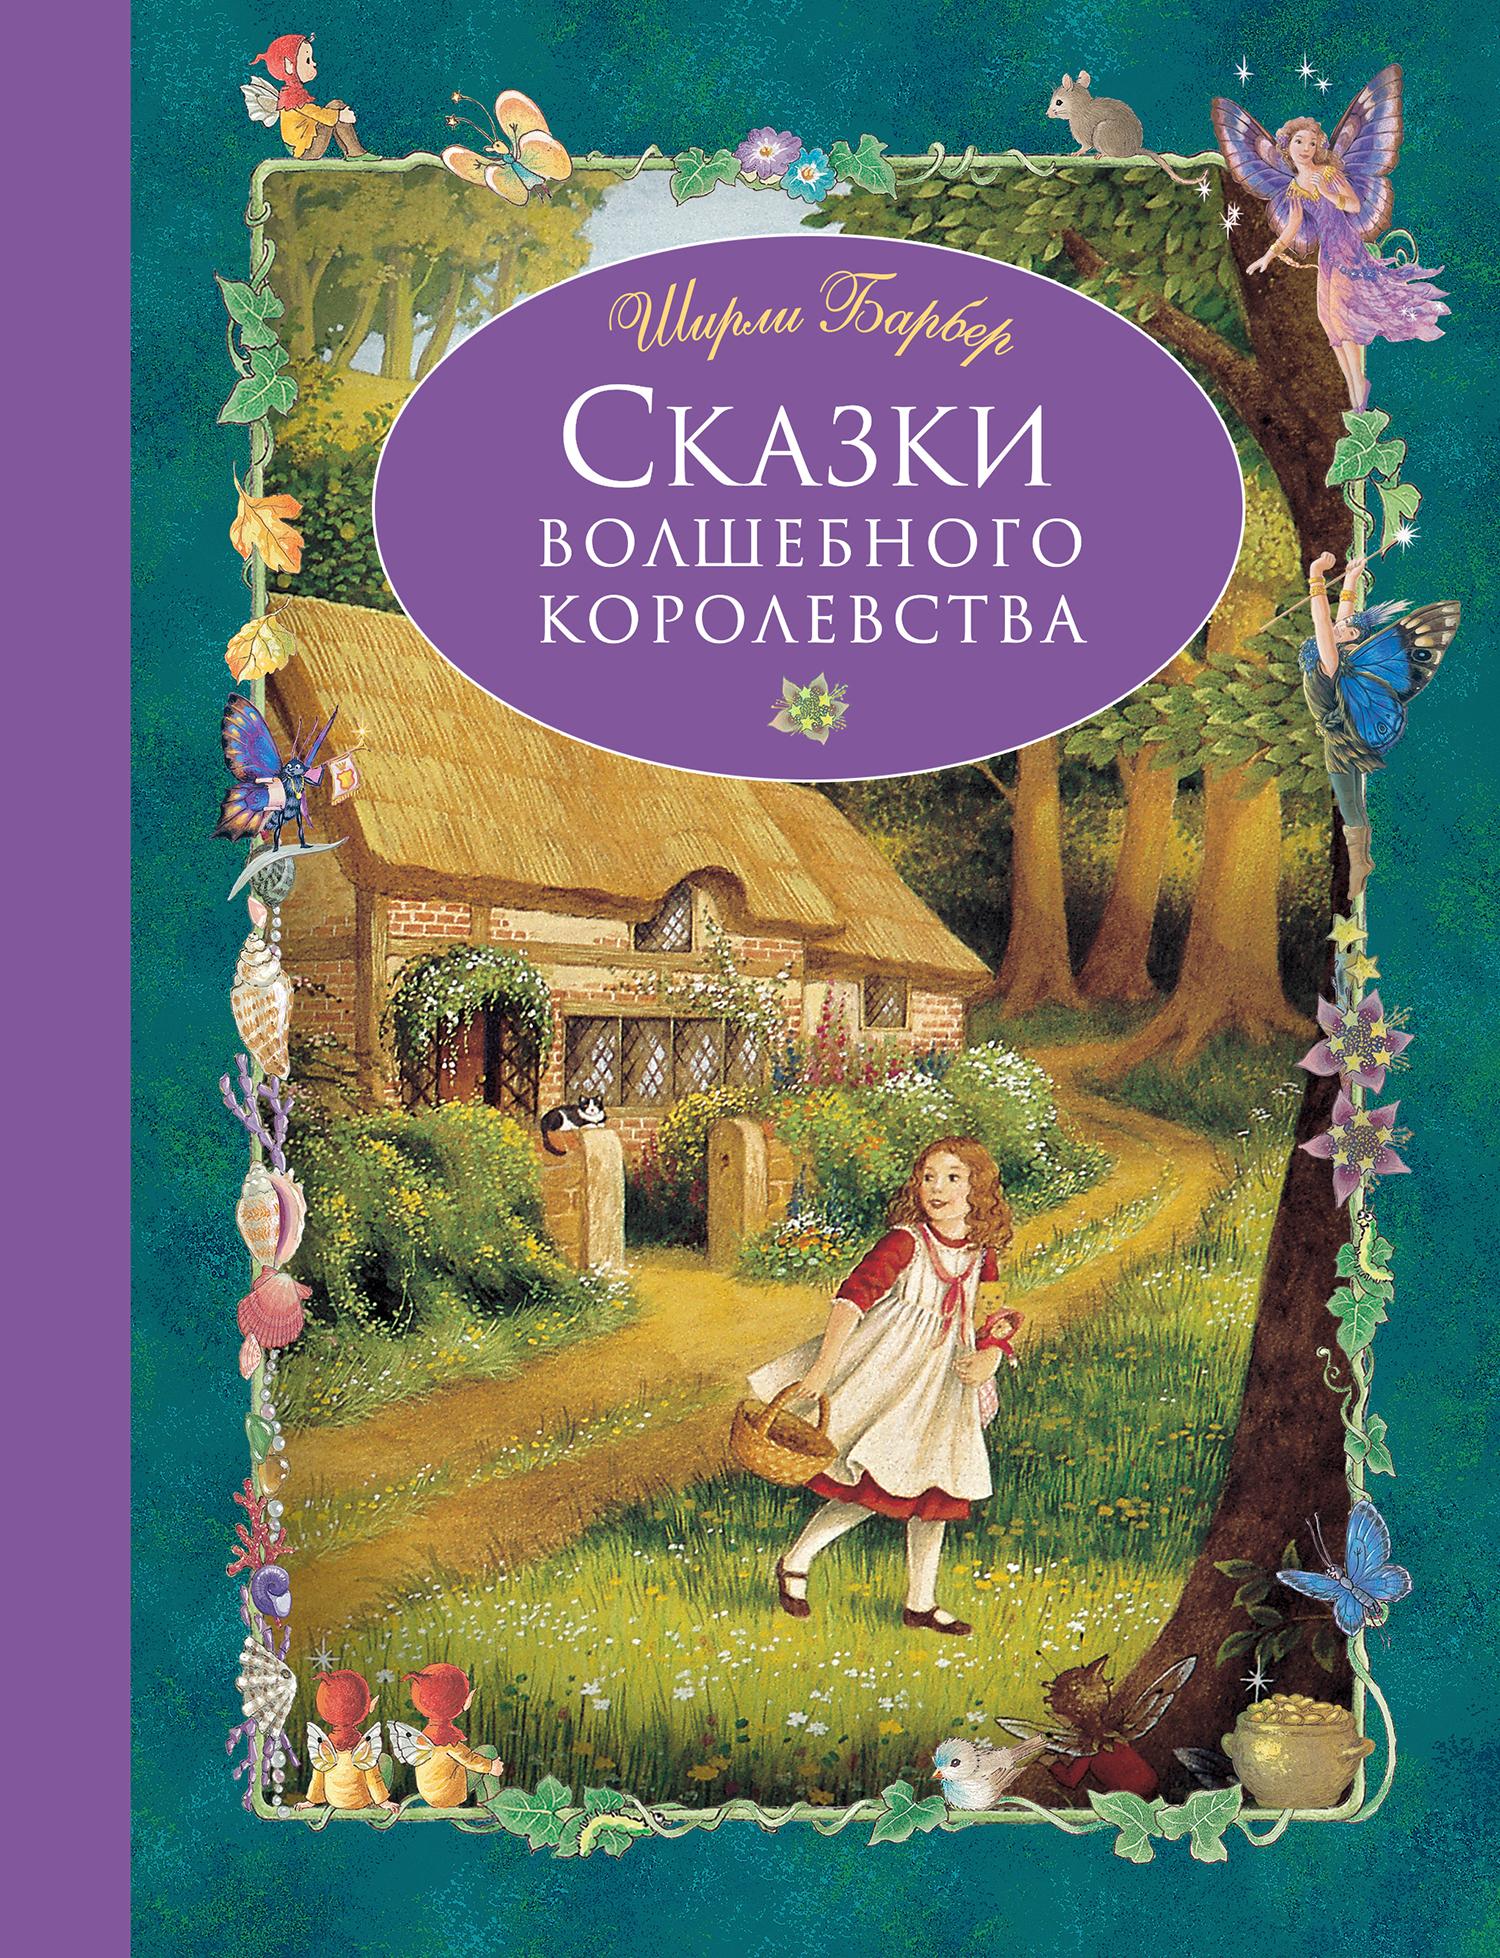 Ширли Барбер Сказки волшебного королевства ISBN: 978-5-699-93527-7 ширли барбер маленькая фея спешит на помощь